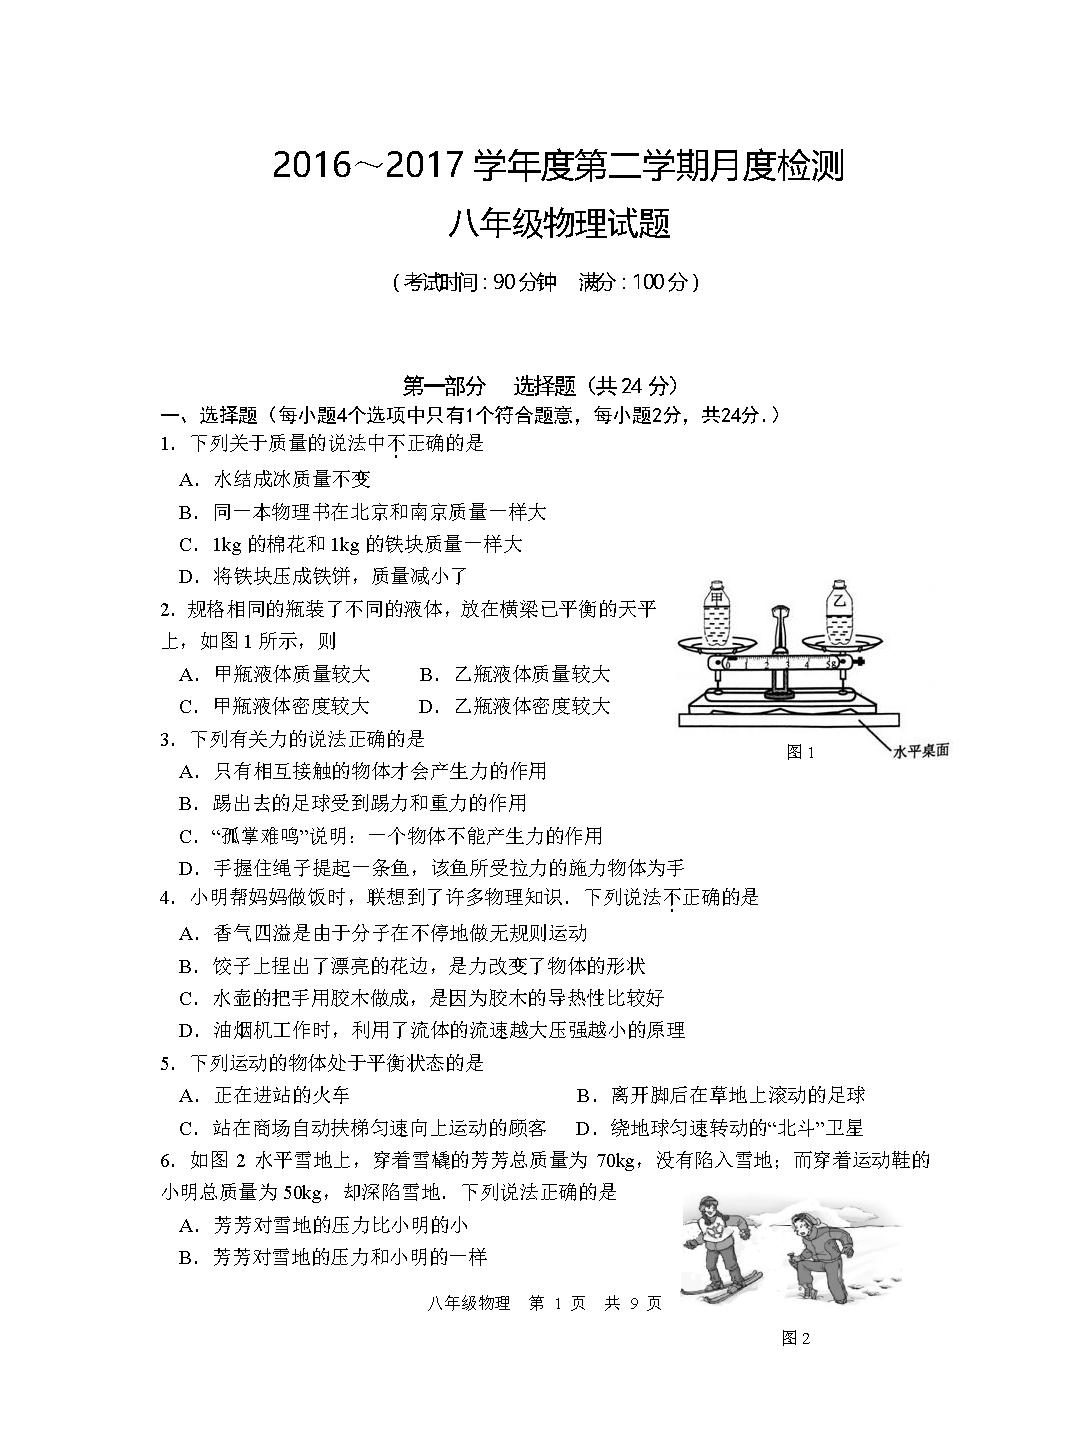 2017江苏泰州姜堰区实验初级中学八年级下第二次月考物理试题(Word版)